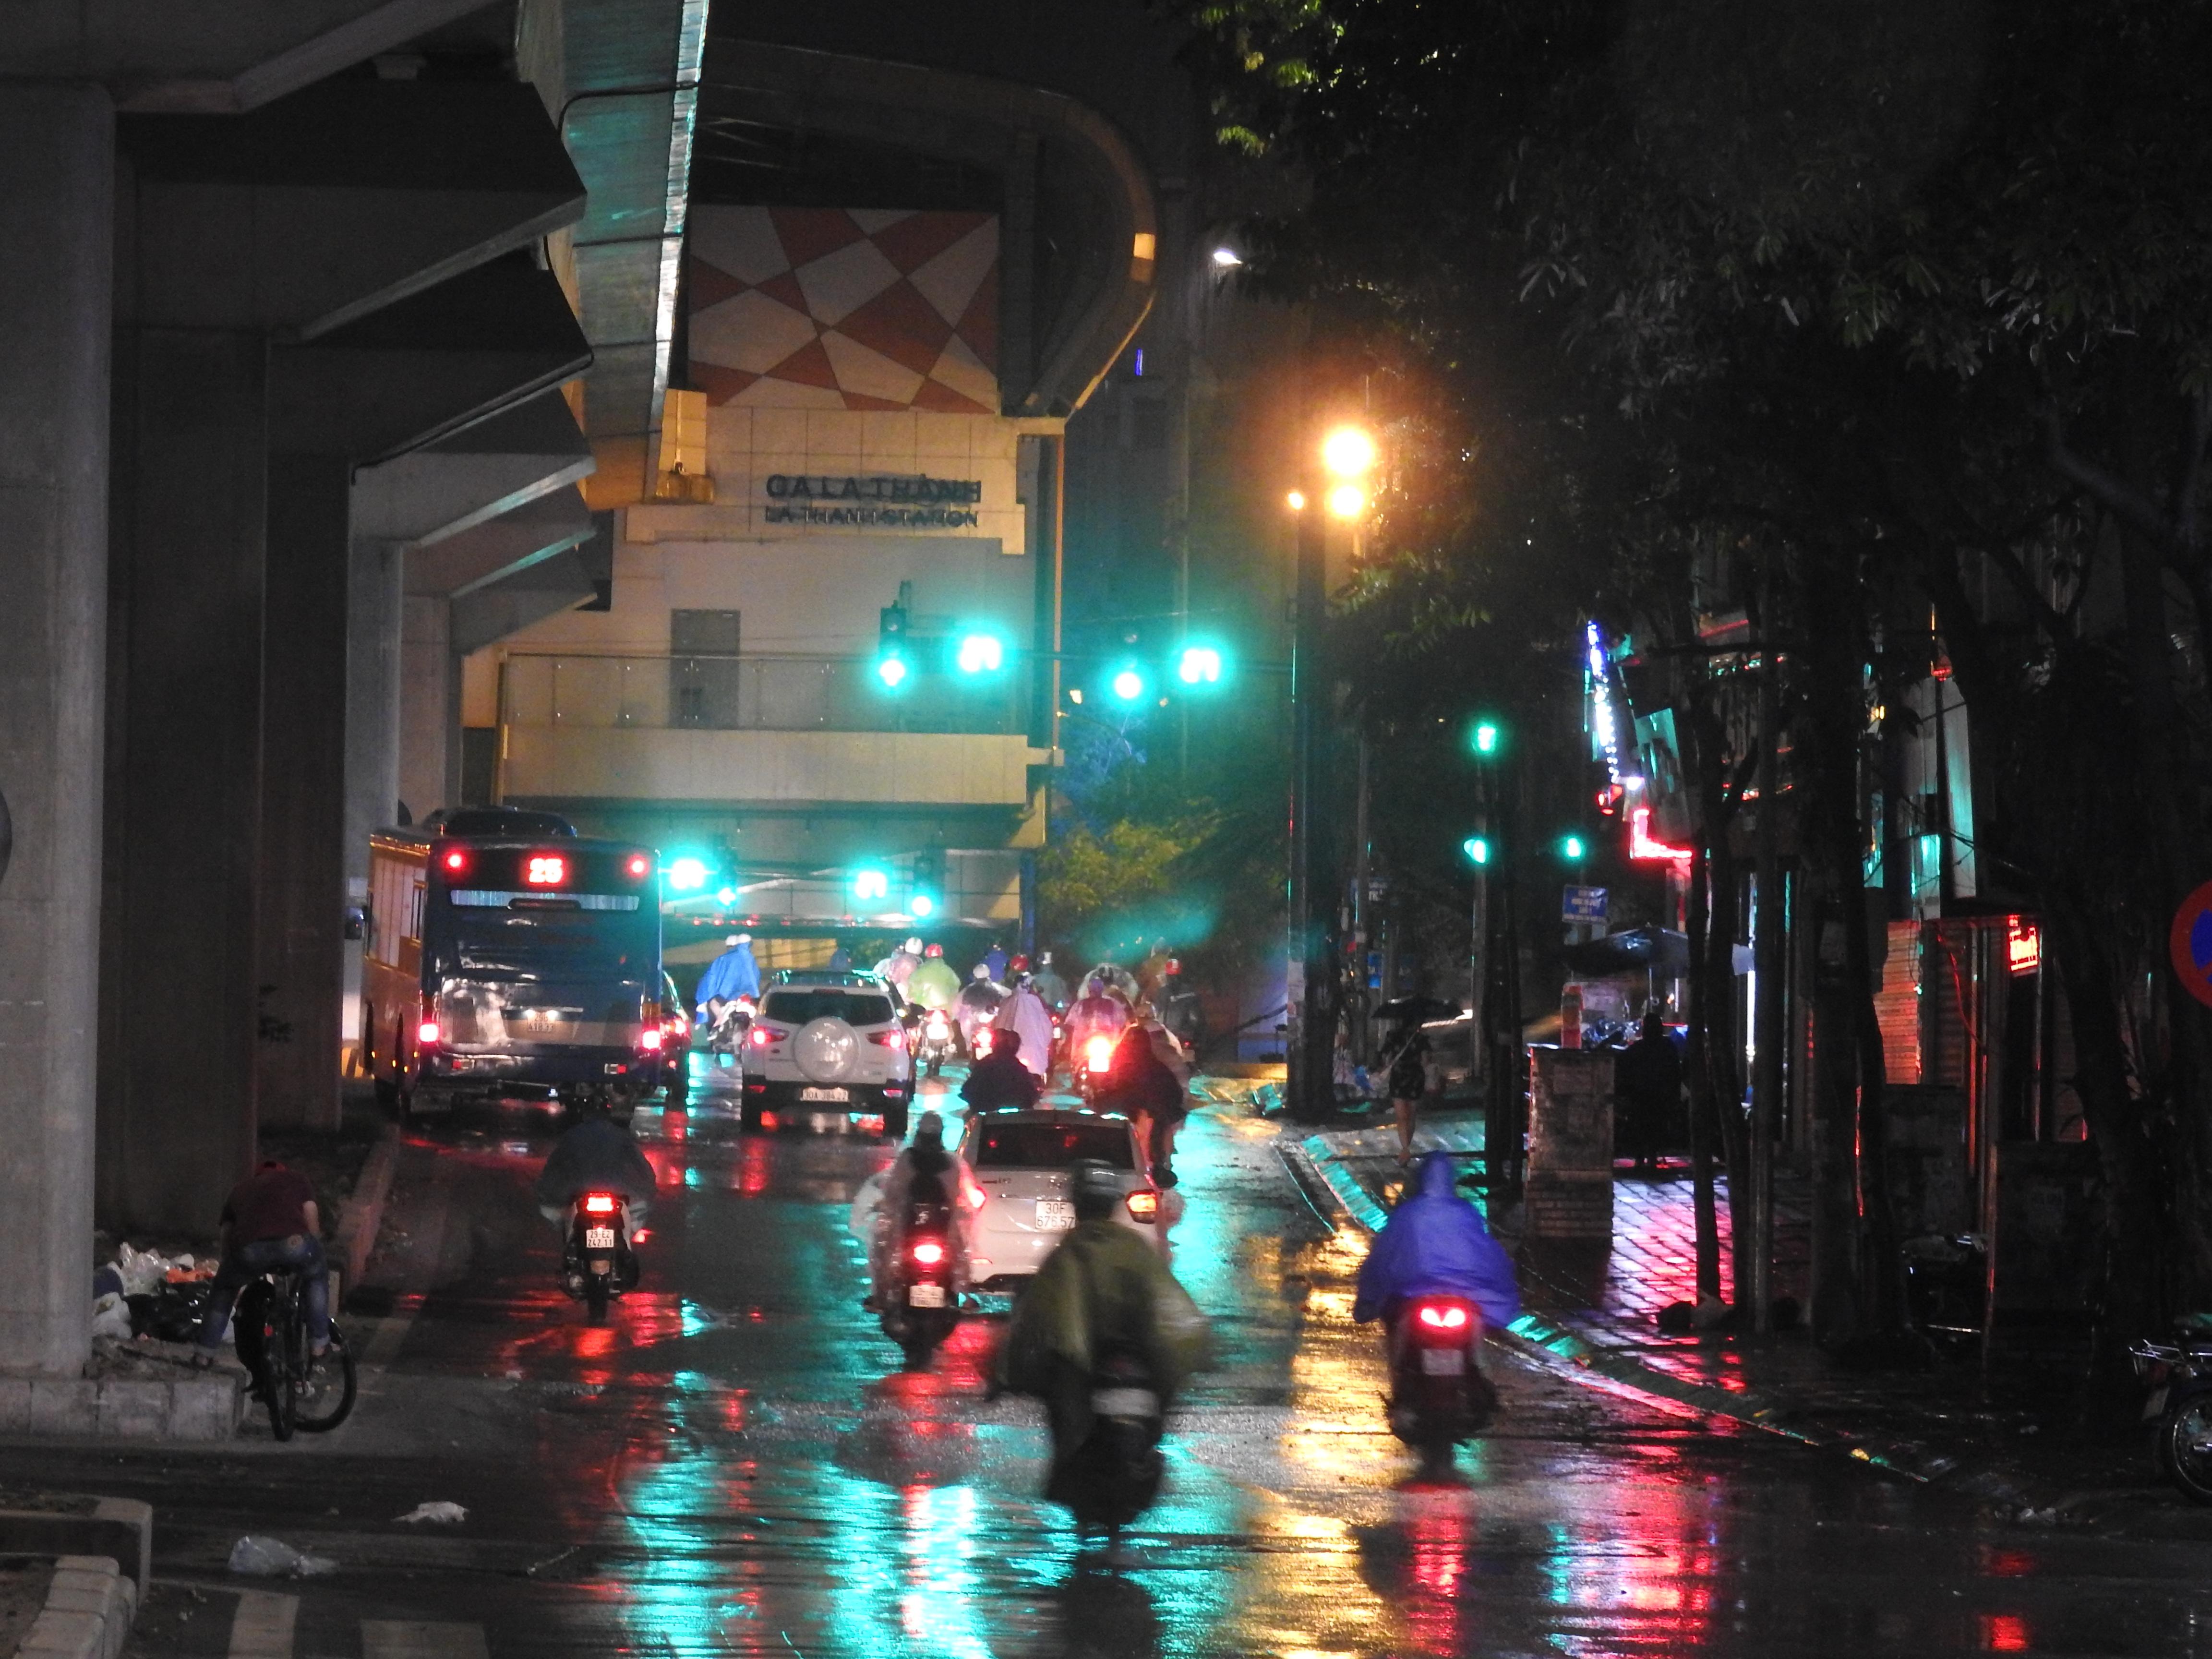 Hà Nội 'giải nhiệt' nhờ cơn mưa rào trên diện rộng sau chuỗi ngày nắng nóng - Ảnh 6.